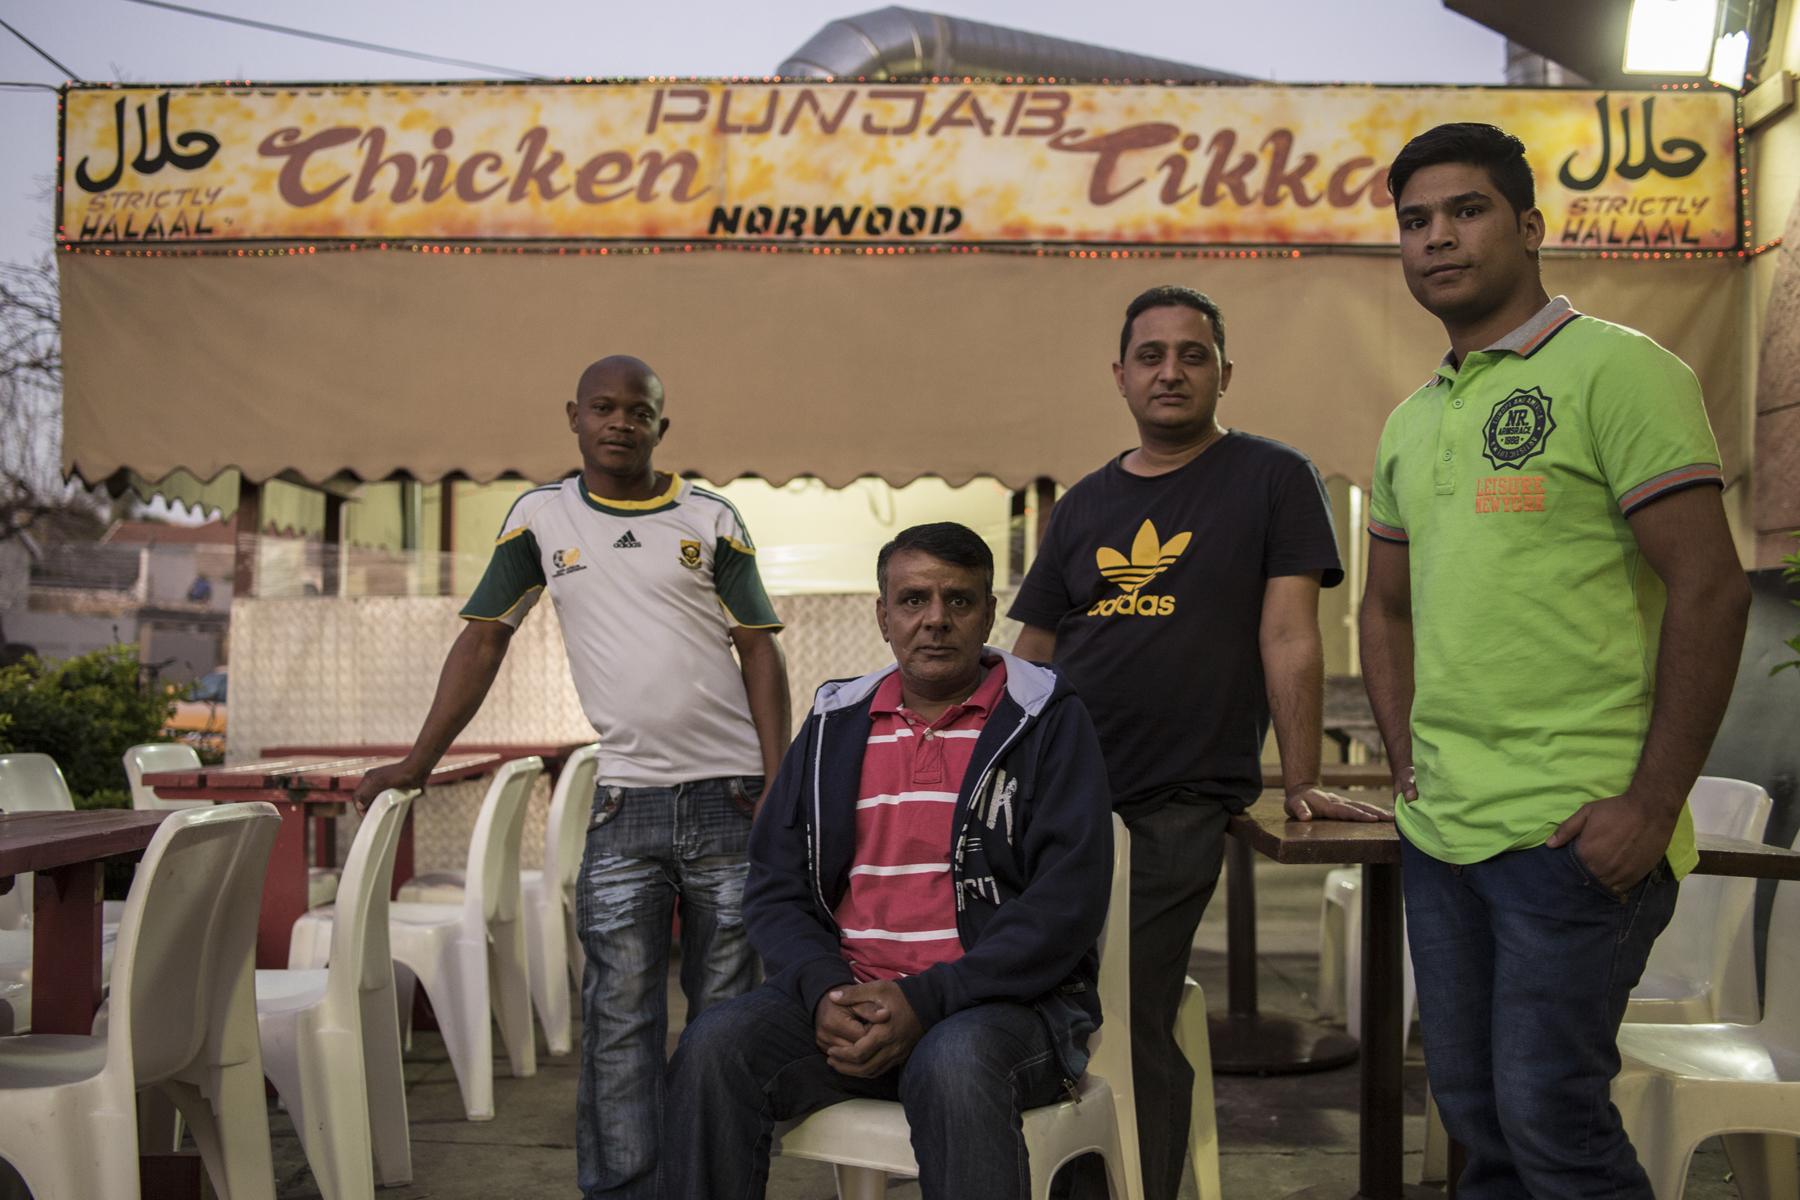 11Norwood Punjab Chicken.jpg